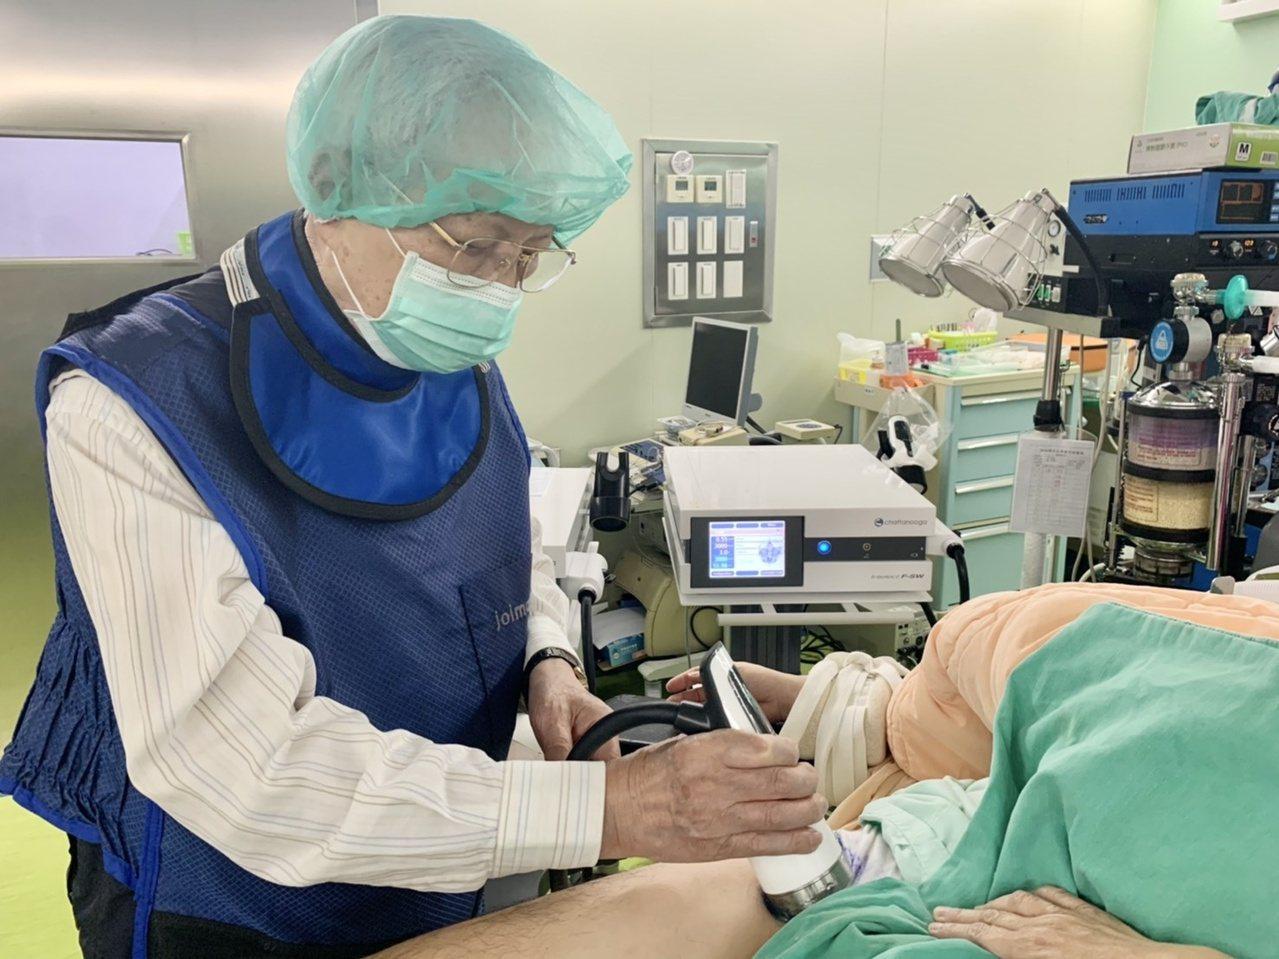 王清貞(見圖)表示,水介質震波可讓缺血缺氧的壞死骨頭恢復血液供給,延緩壞死的速度...